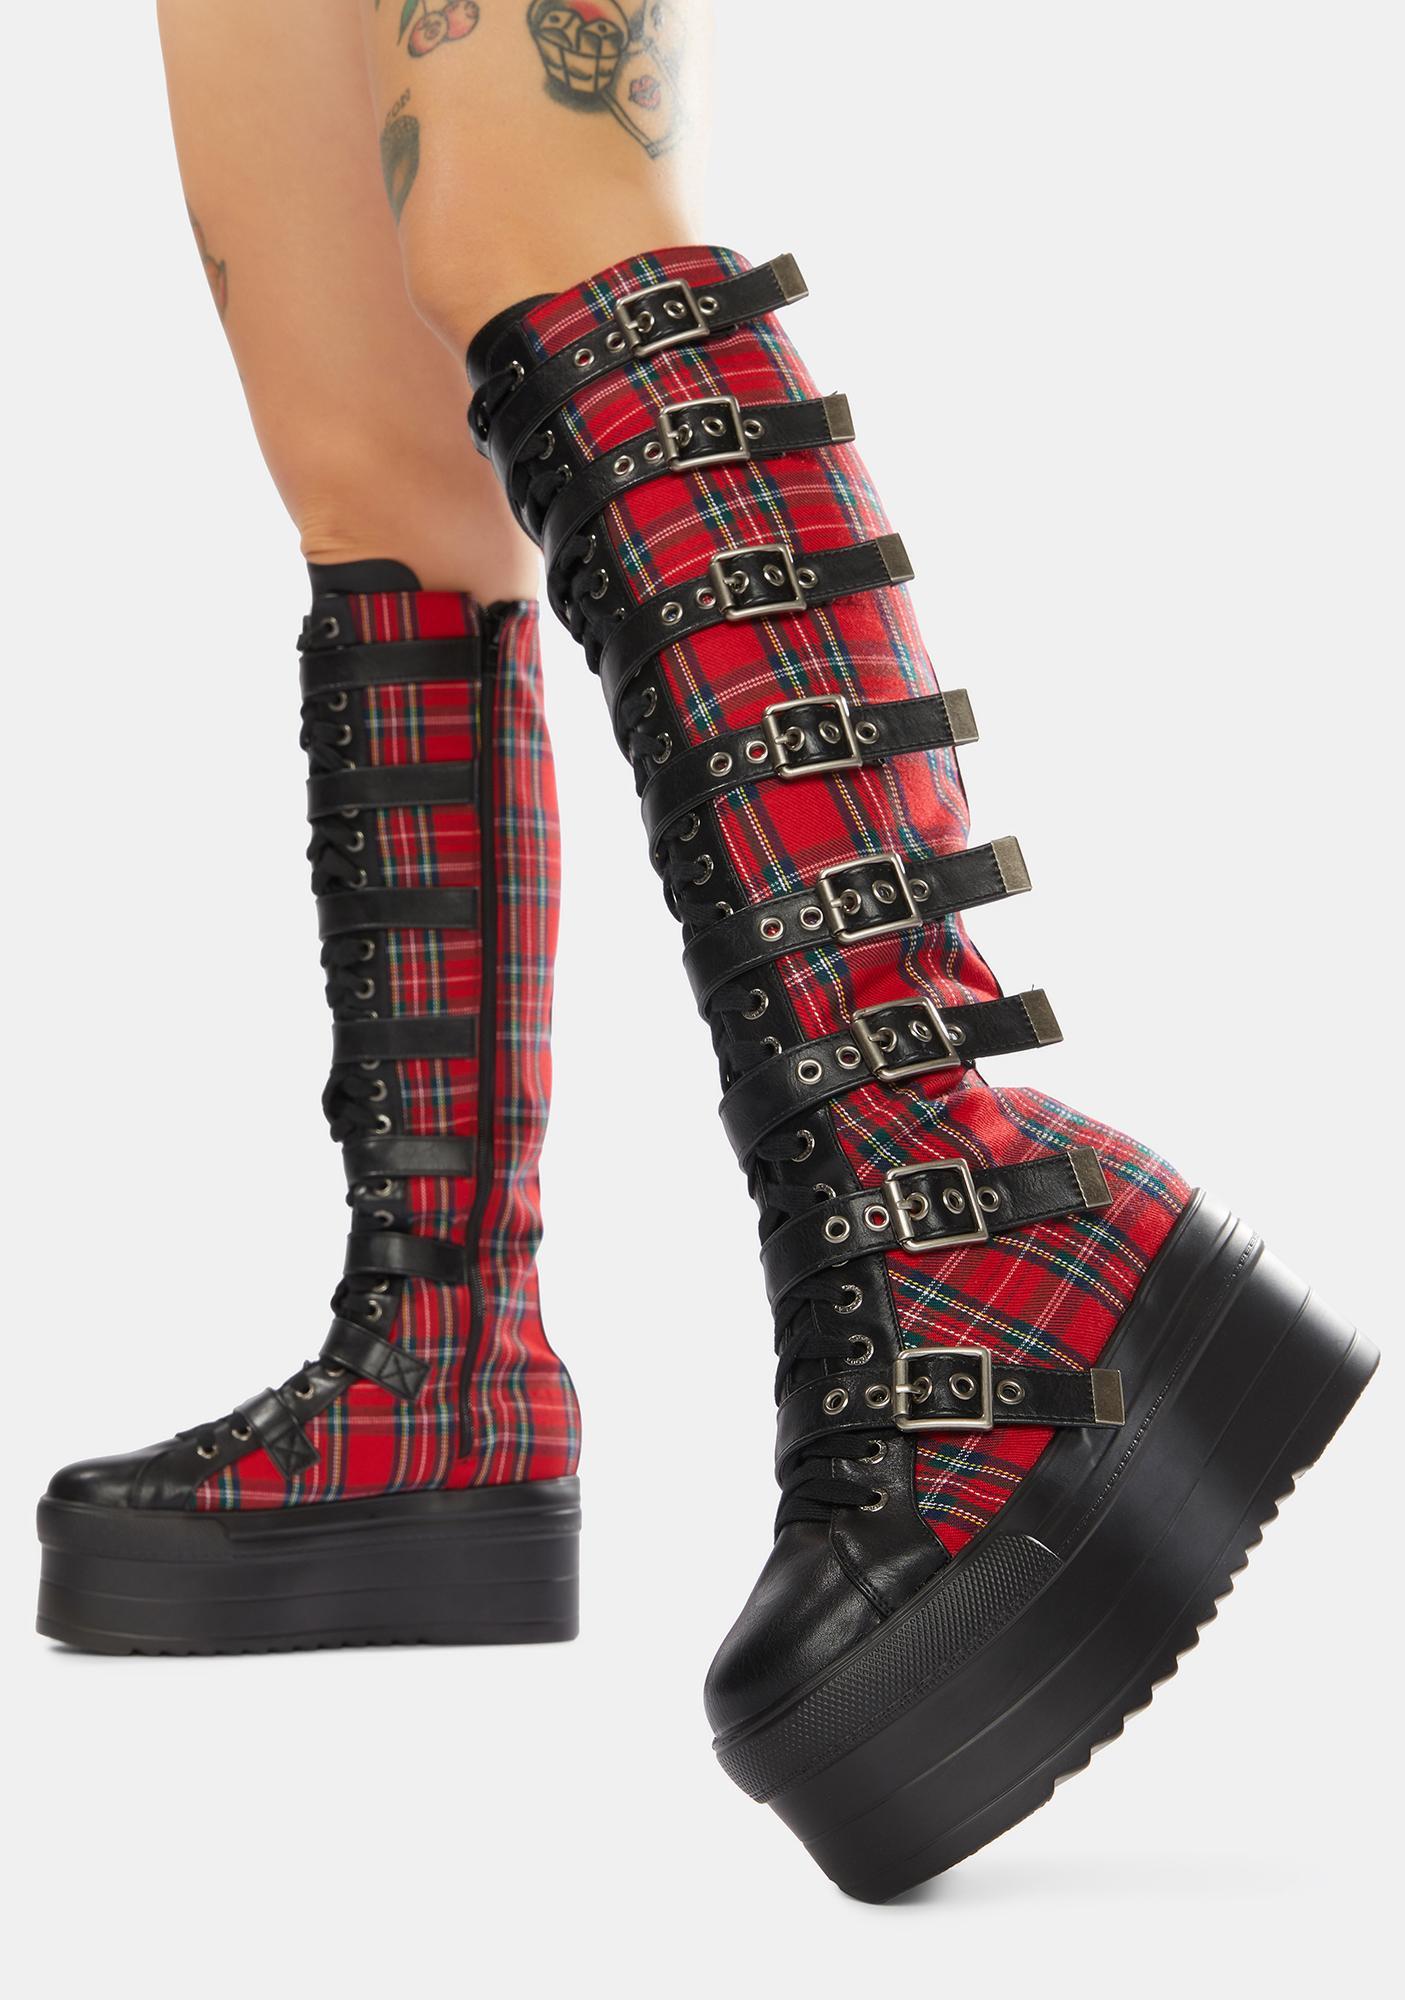 Lamoda Hella Good Knee High Flatform Boots